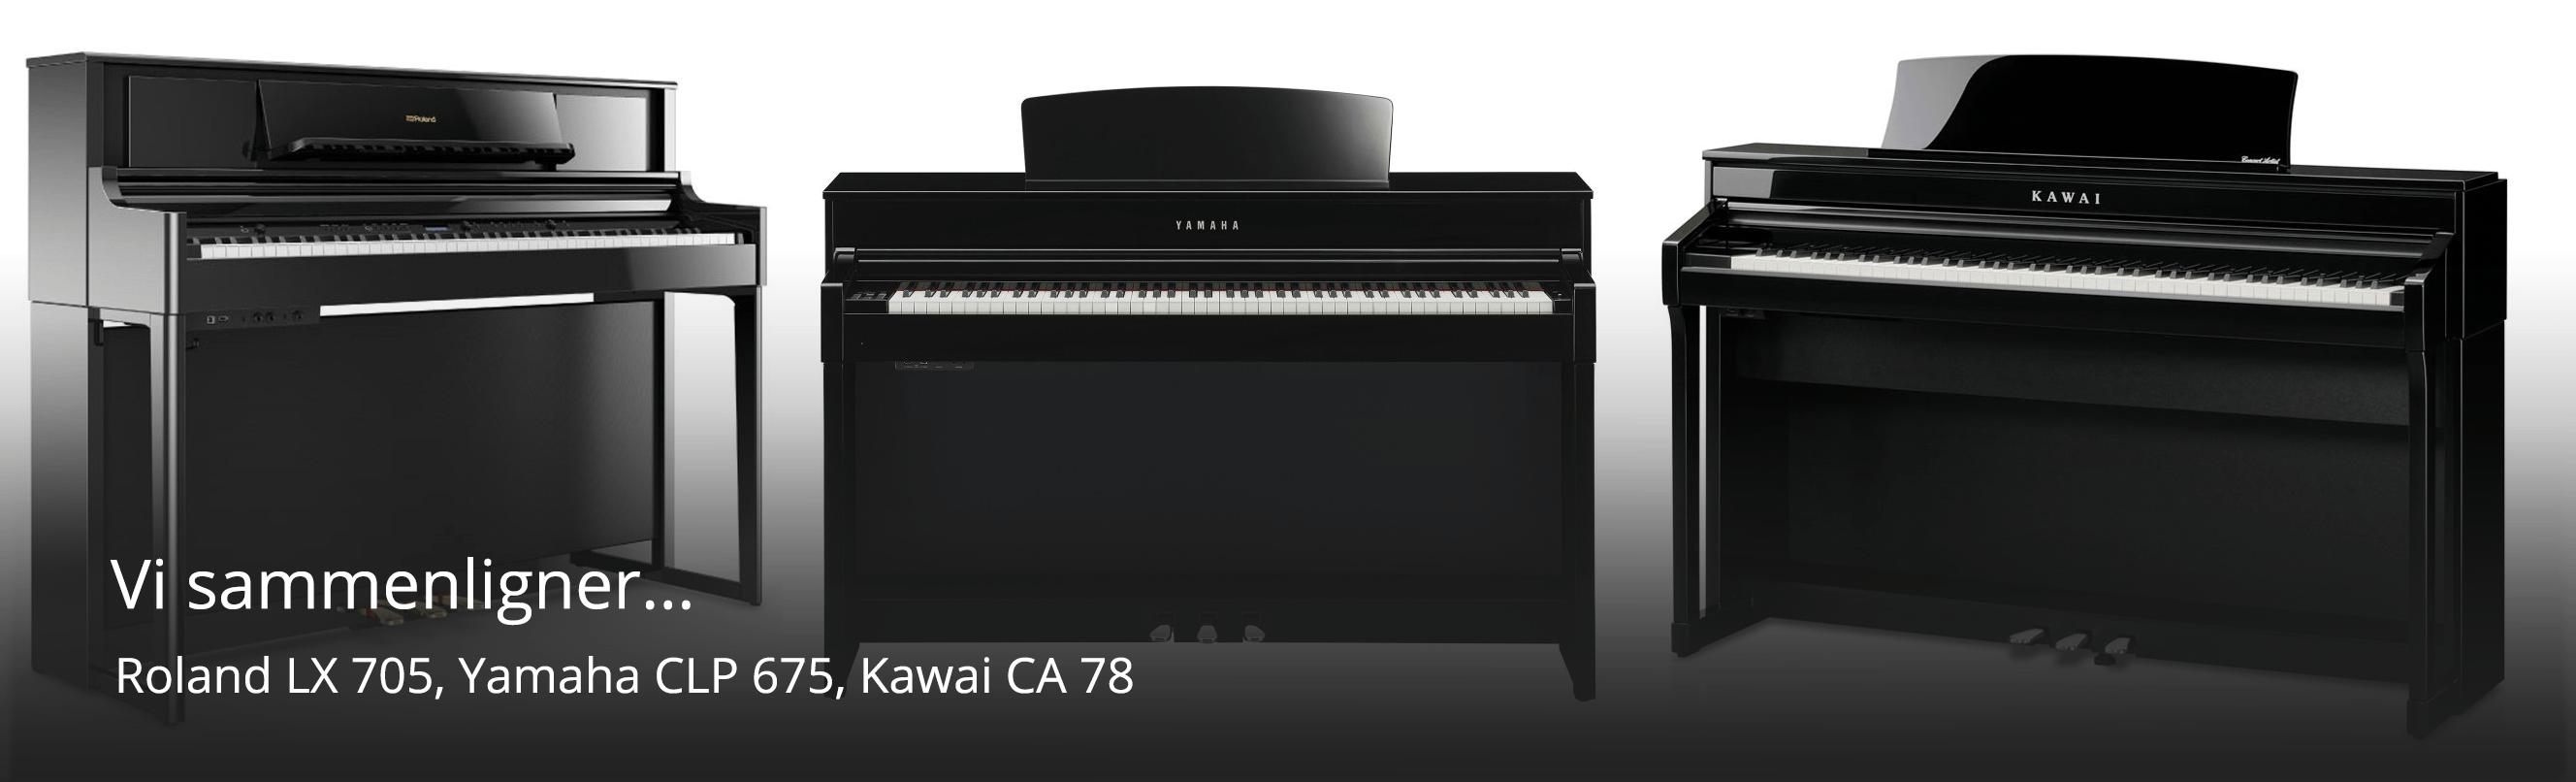 Sammenligning af Kawai, Yamaha og Roland